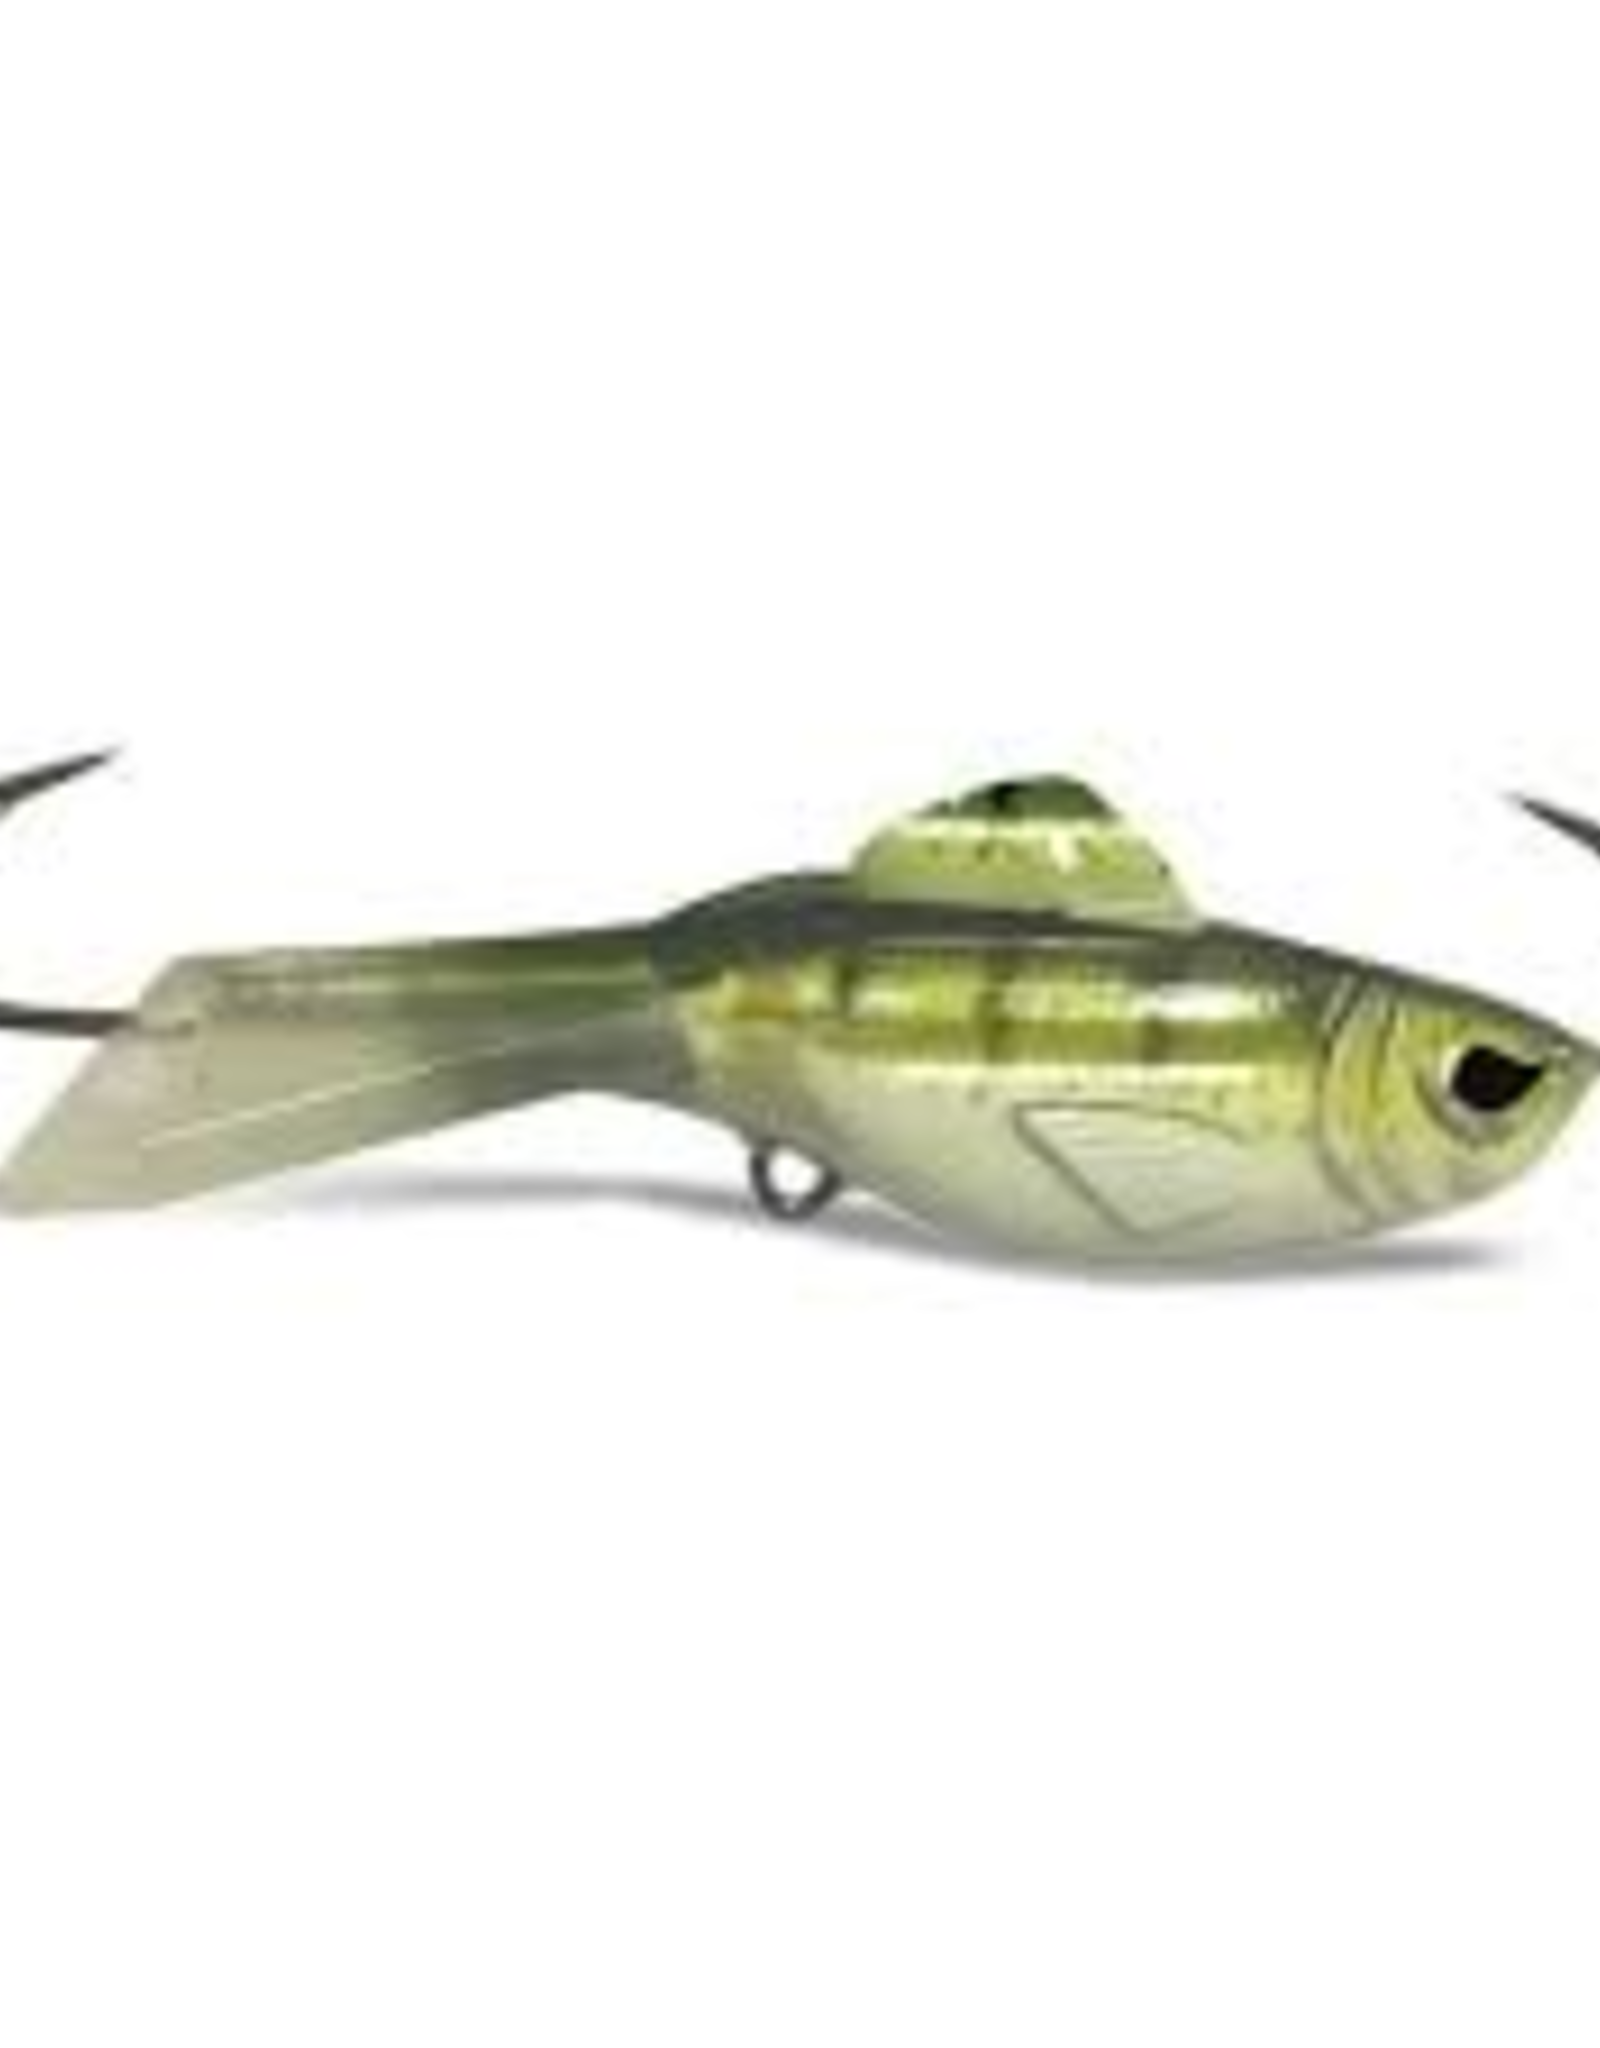 Acme Hyper Glide 60mm Glow Perch